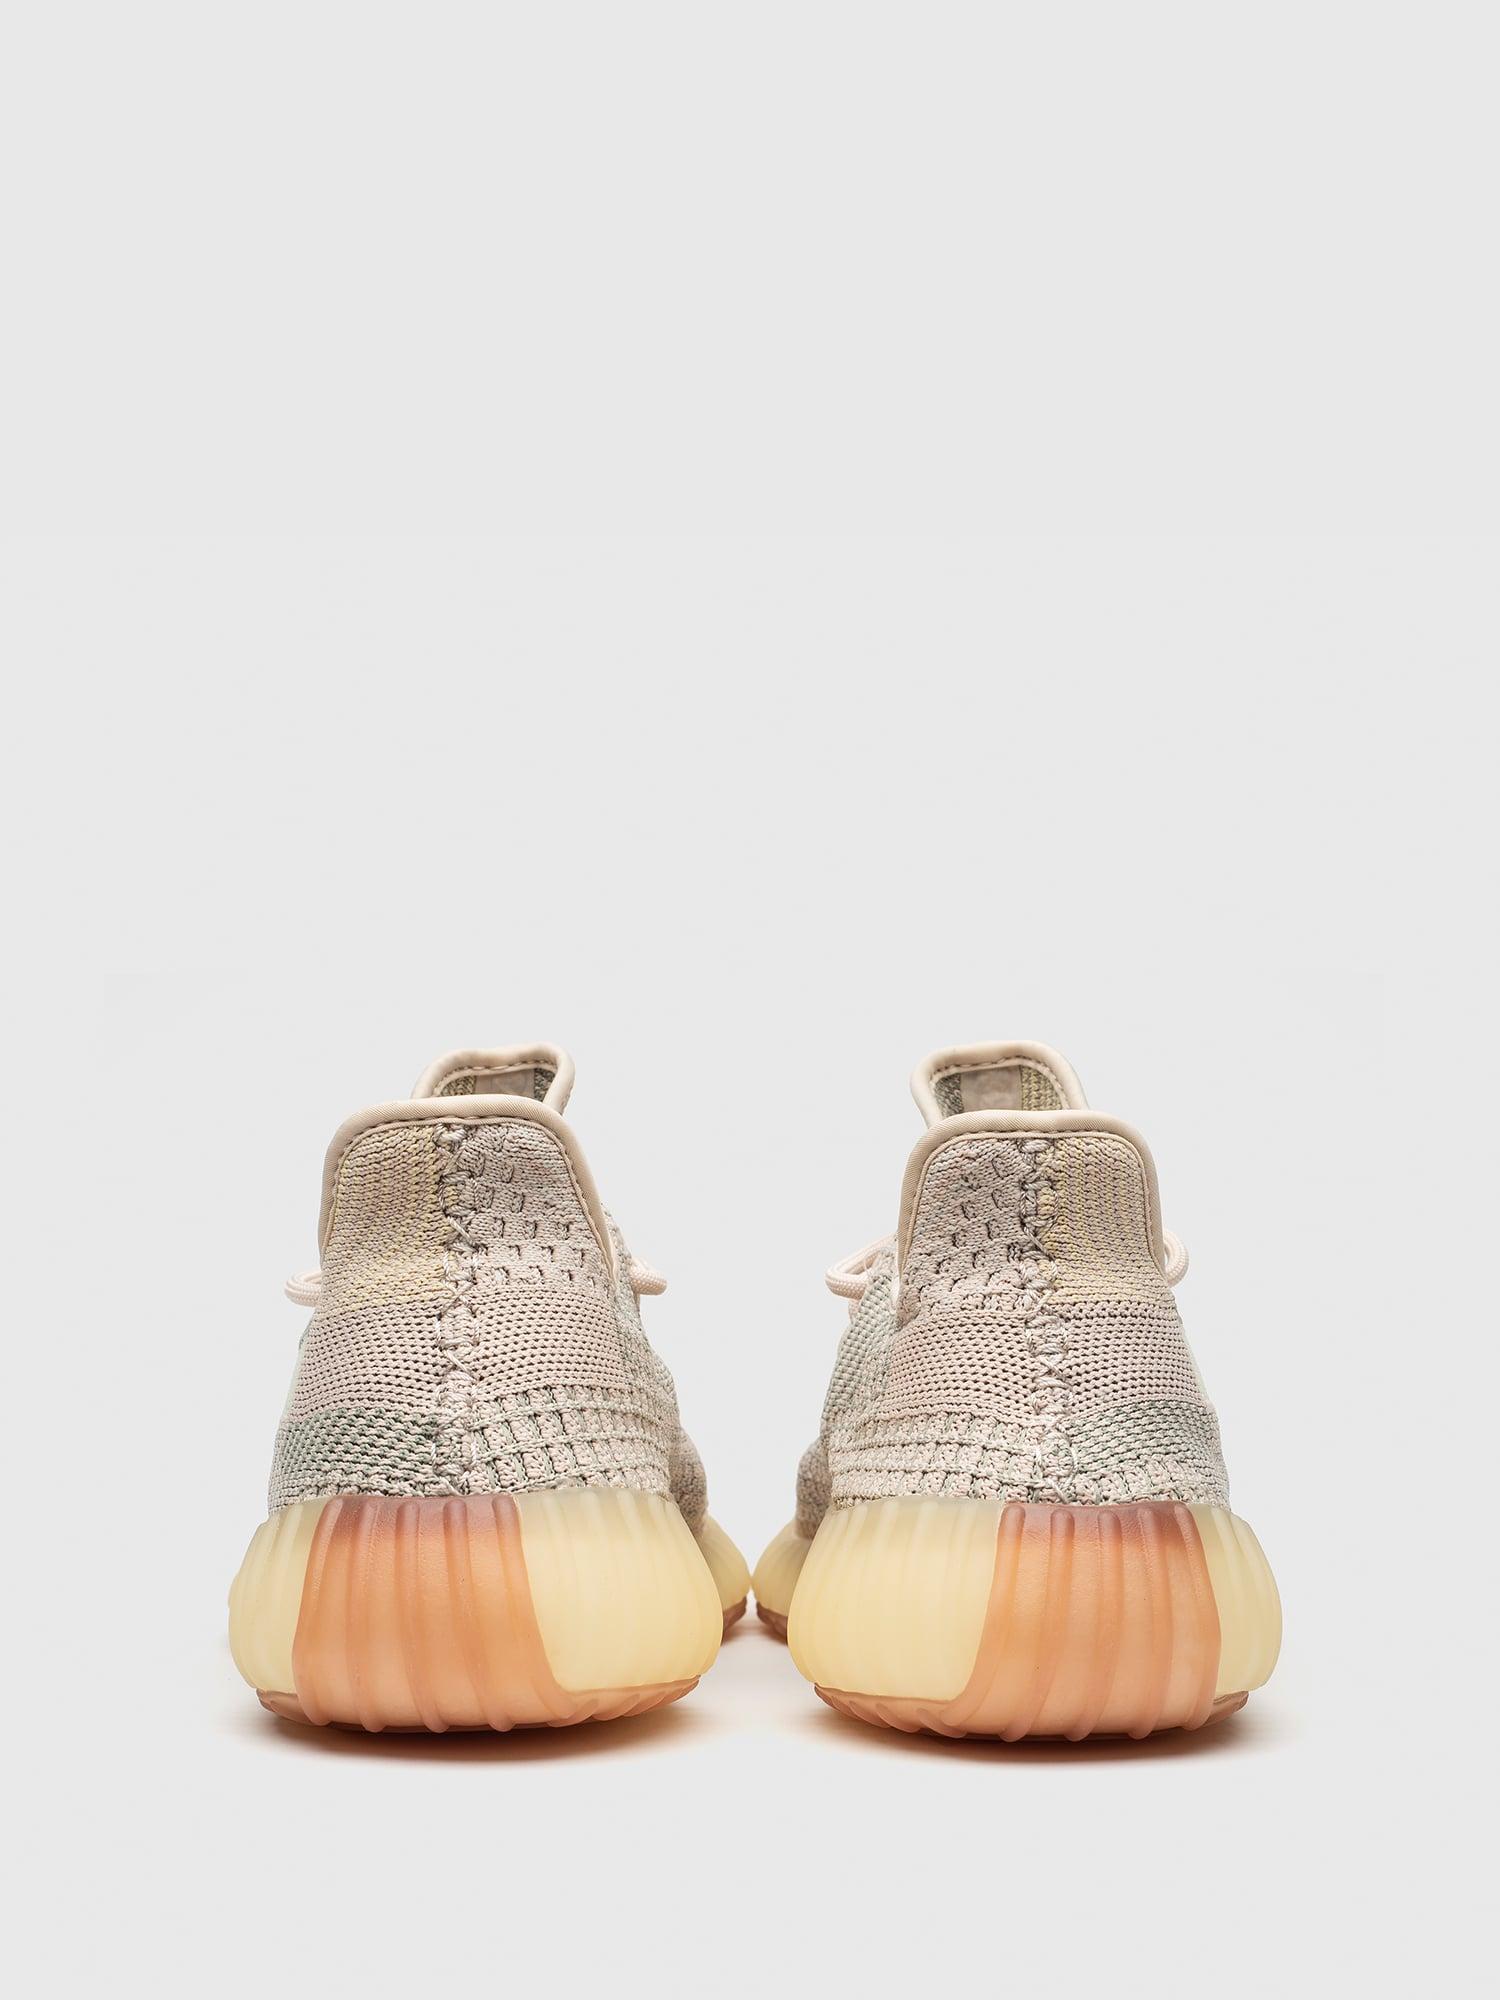 Adidas Yeezy Boost 350 V2 Citrin Non-Reflective